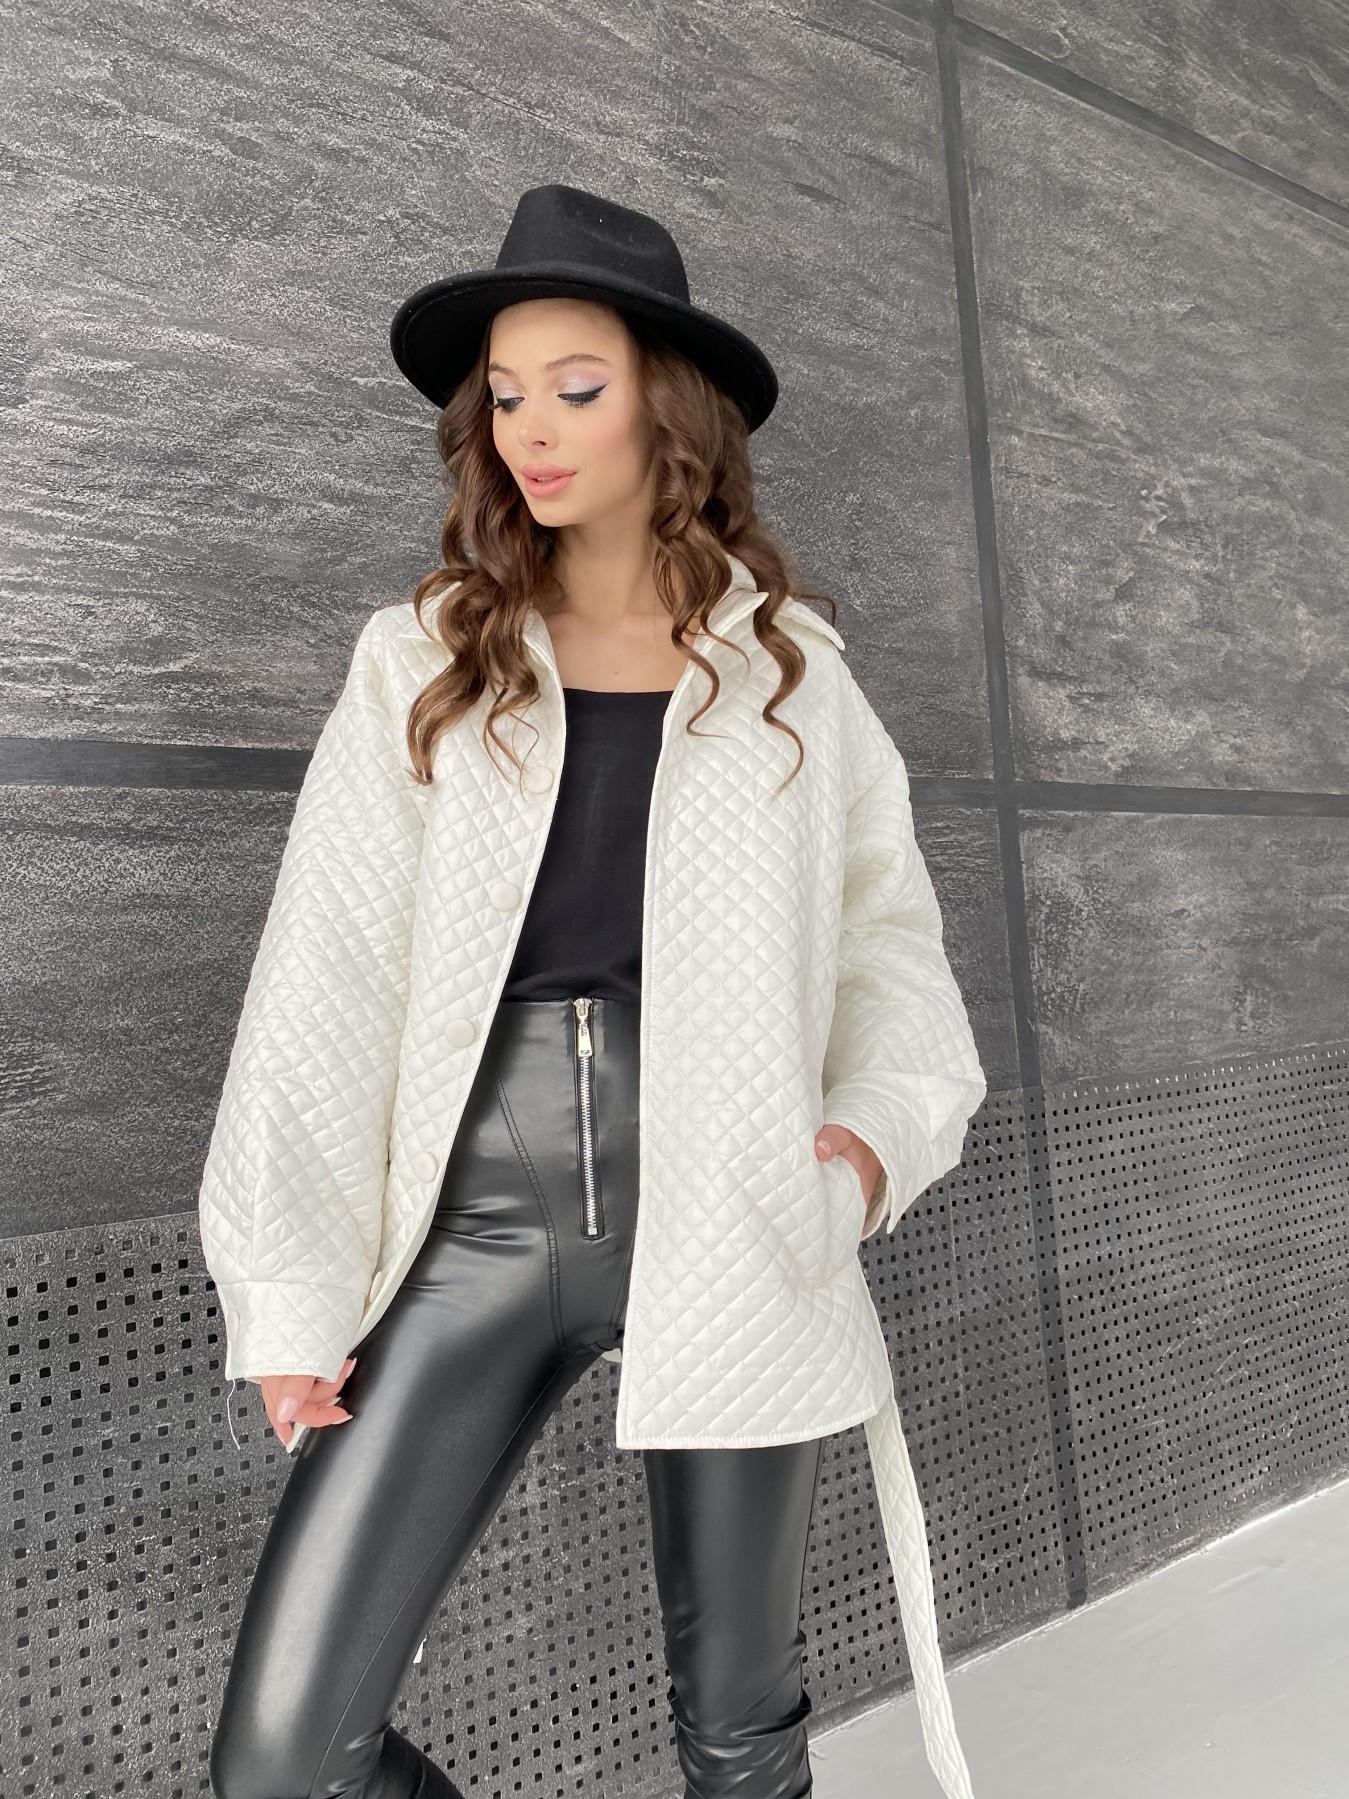 Моно куртка стеганая из  плащевой ткани 11045 АРТ. 47530 Цвет: Молоко - фото 6, интернет магазин tm-modus.ru